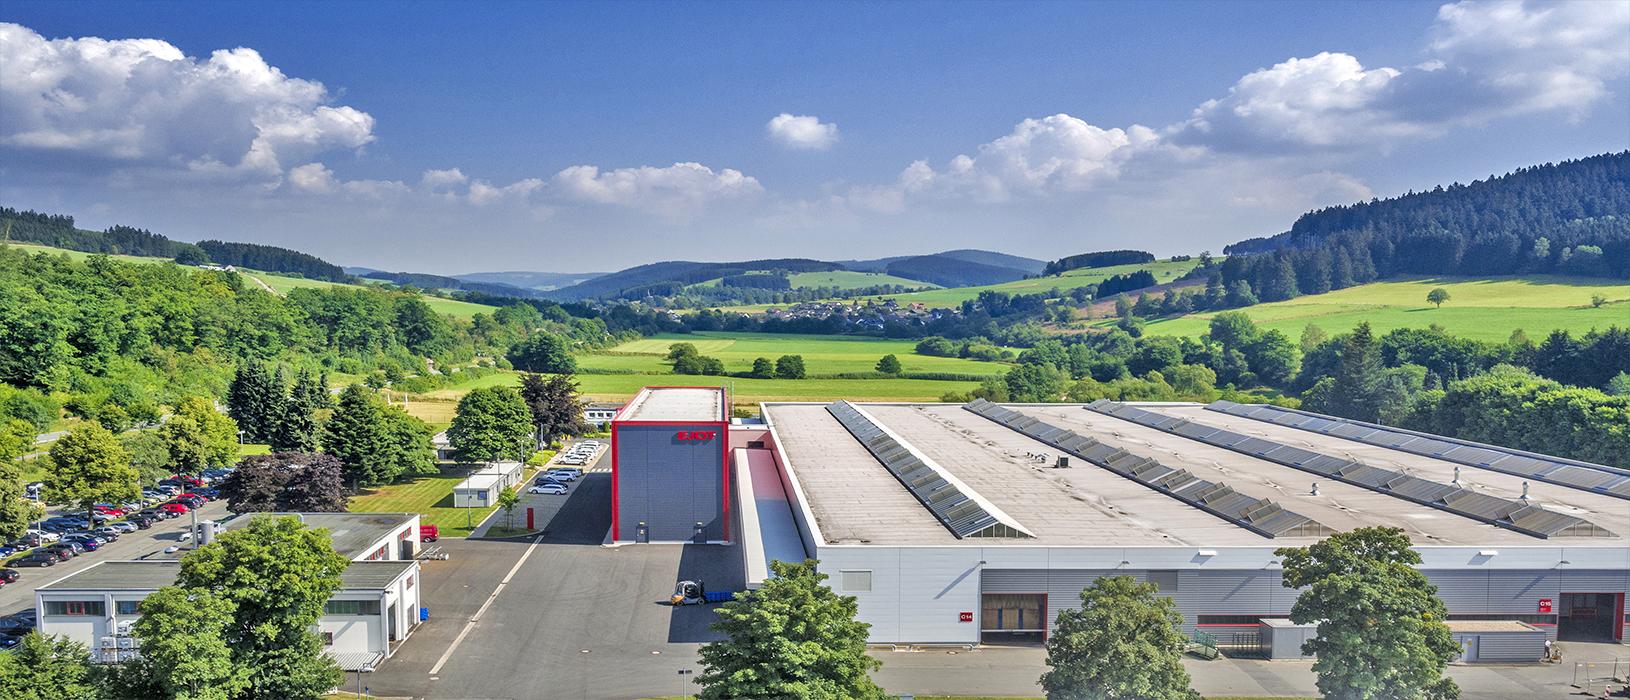 Industriegelände in Südwestfalen umgeben von Landschaft. Bild: Agentur Dominik Ketz